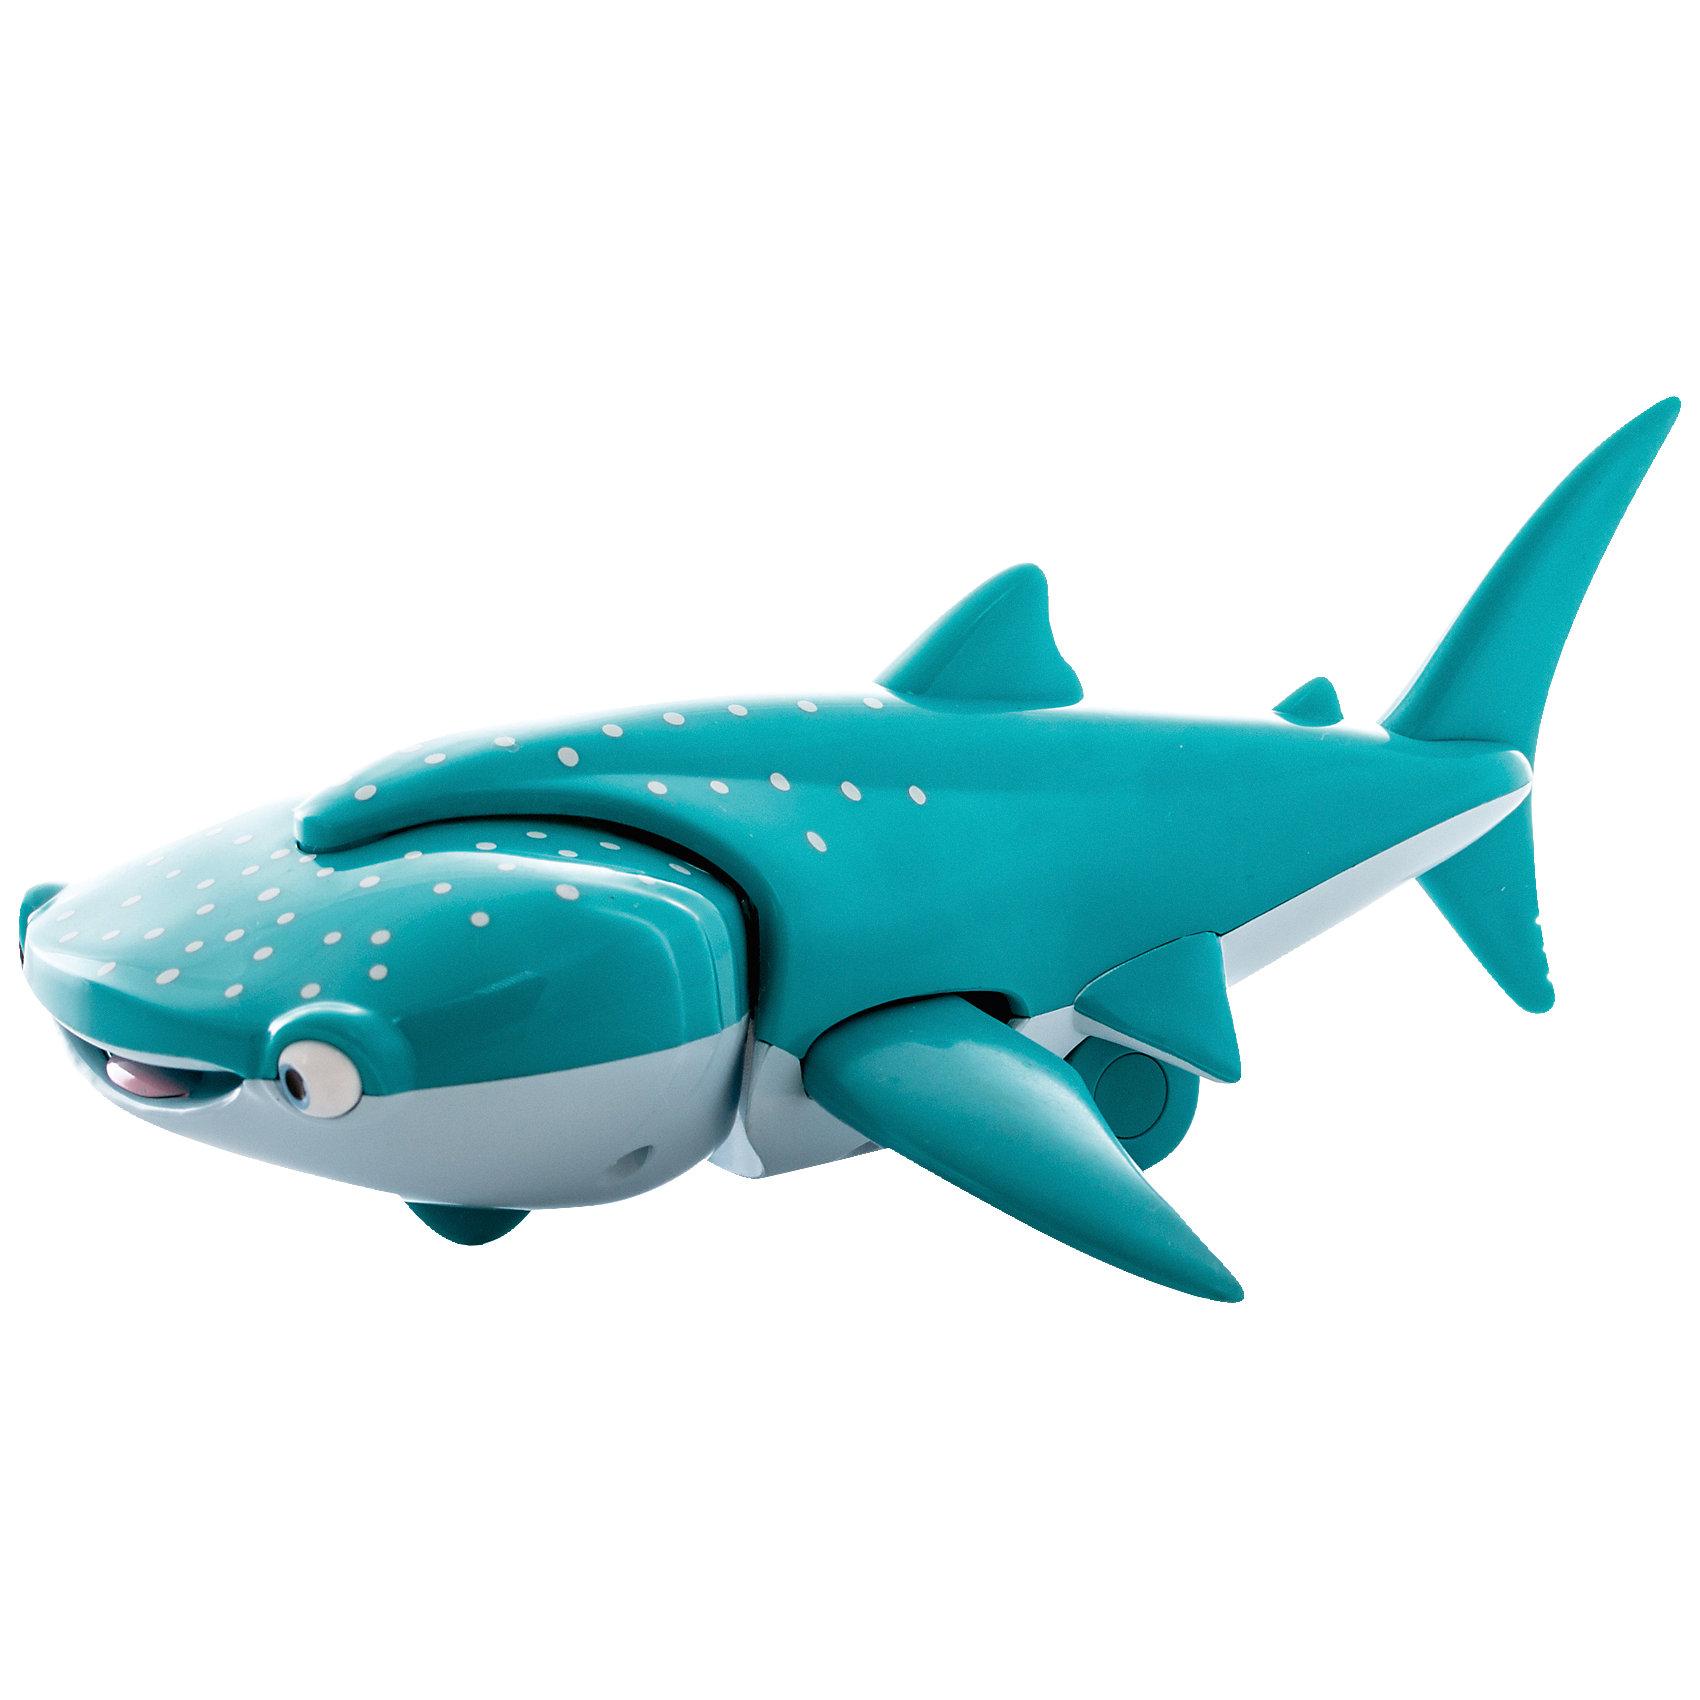 Фигурка Дестини 15см, функциональная, В поисках ДориНебольшая функциональная фигурка Finding Dory выглядит очень ярко и красочно. <br><br>Дестини - китовая акула. Фигурка передвигается на колесиках, при этом у нее двигается из стороны в сторону голова, щупальца подвижны.<br><br>Игрушка выполнена из высококачественного пластика и выглядит очень эффектно, работает на 3 батарейках LR44 (входят в комплект).<br><br>Ширина мм: 155<br>Глубина мм: 310<br>Высота мм: 80<br>Вес г: 278<br>Возраст от месяцев: 36<br>Возраст до месяцев: 120<br>Пол: Унисекс<br>Возраст: Детский<br>SKU: 4849991